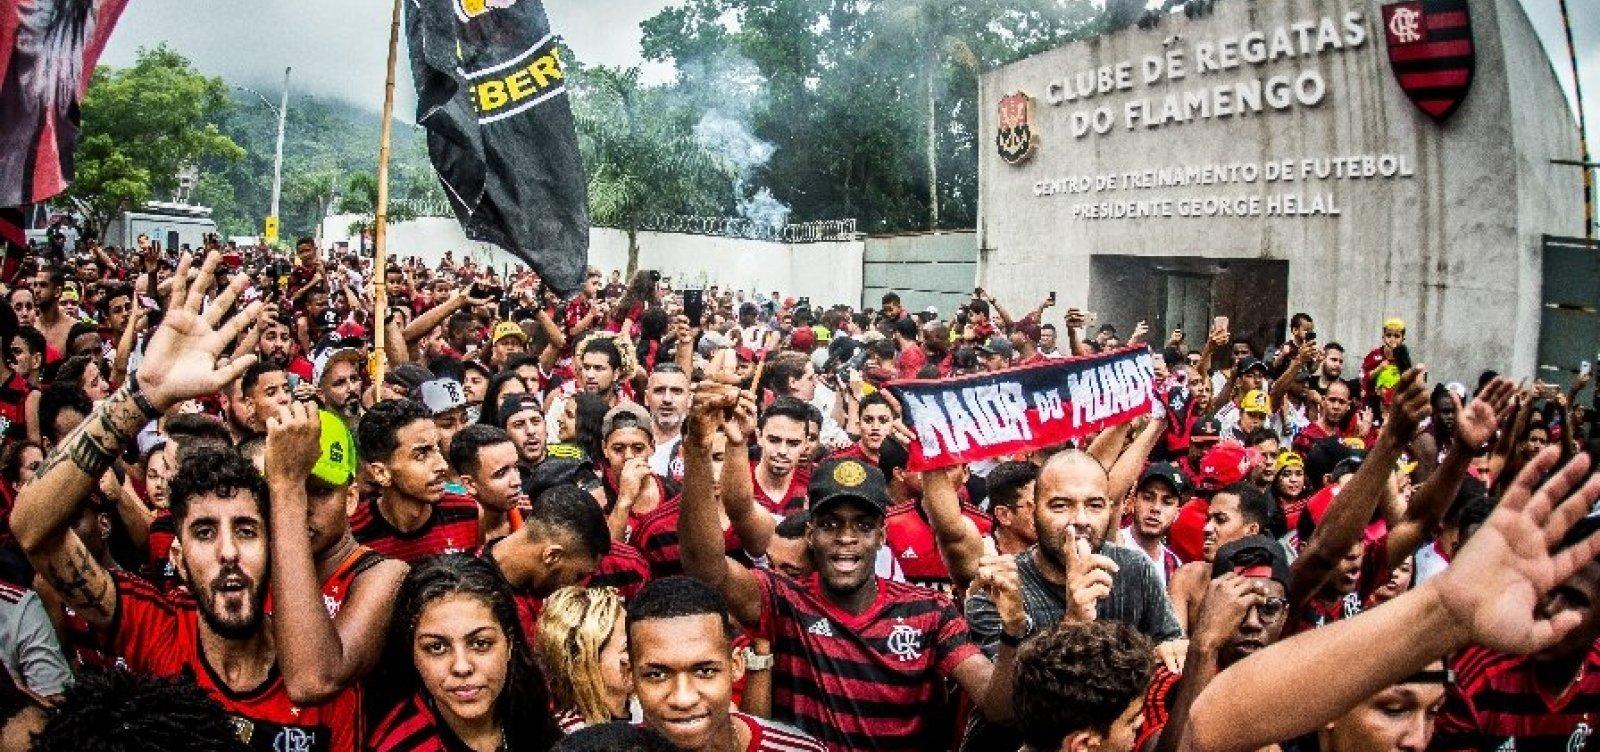 [Flamengo e River Plate disputam final da Libertadores neste sábado]